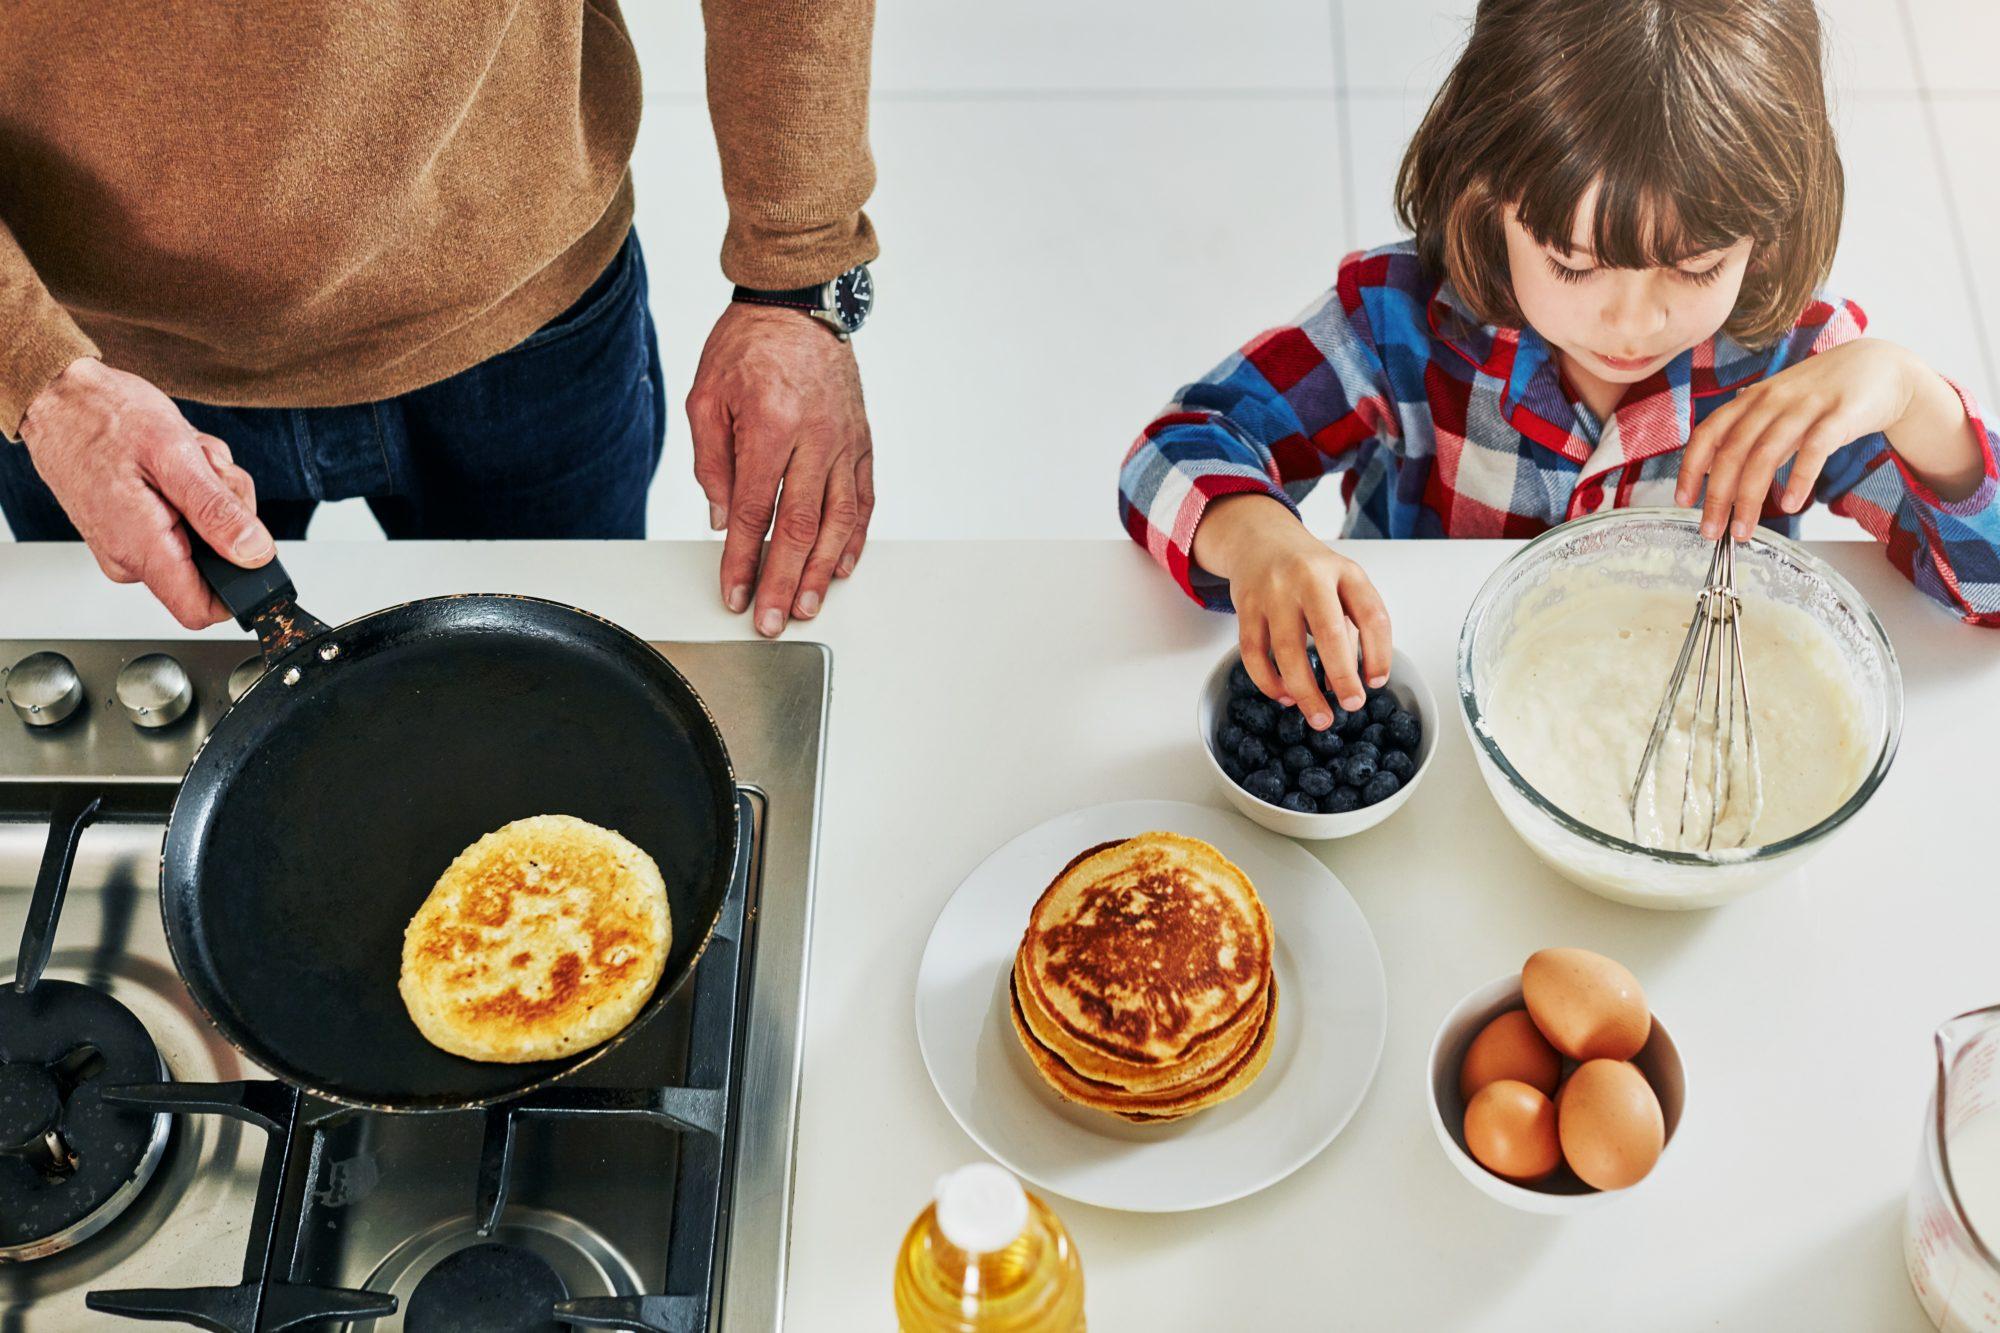 042020_Kid in Kitchen